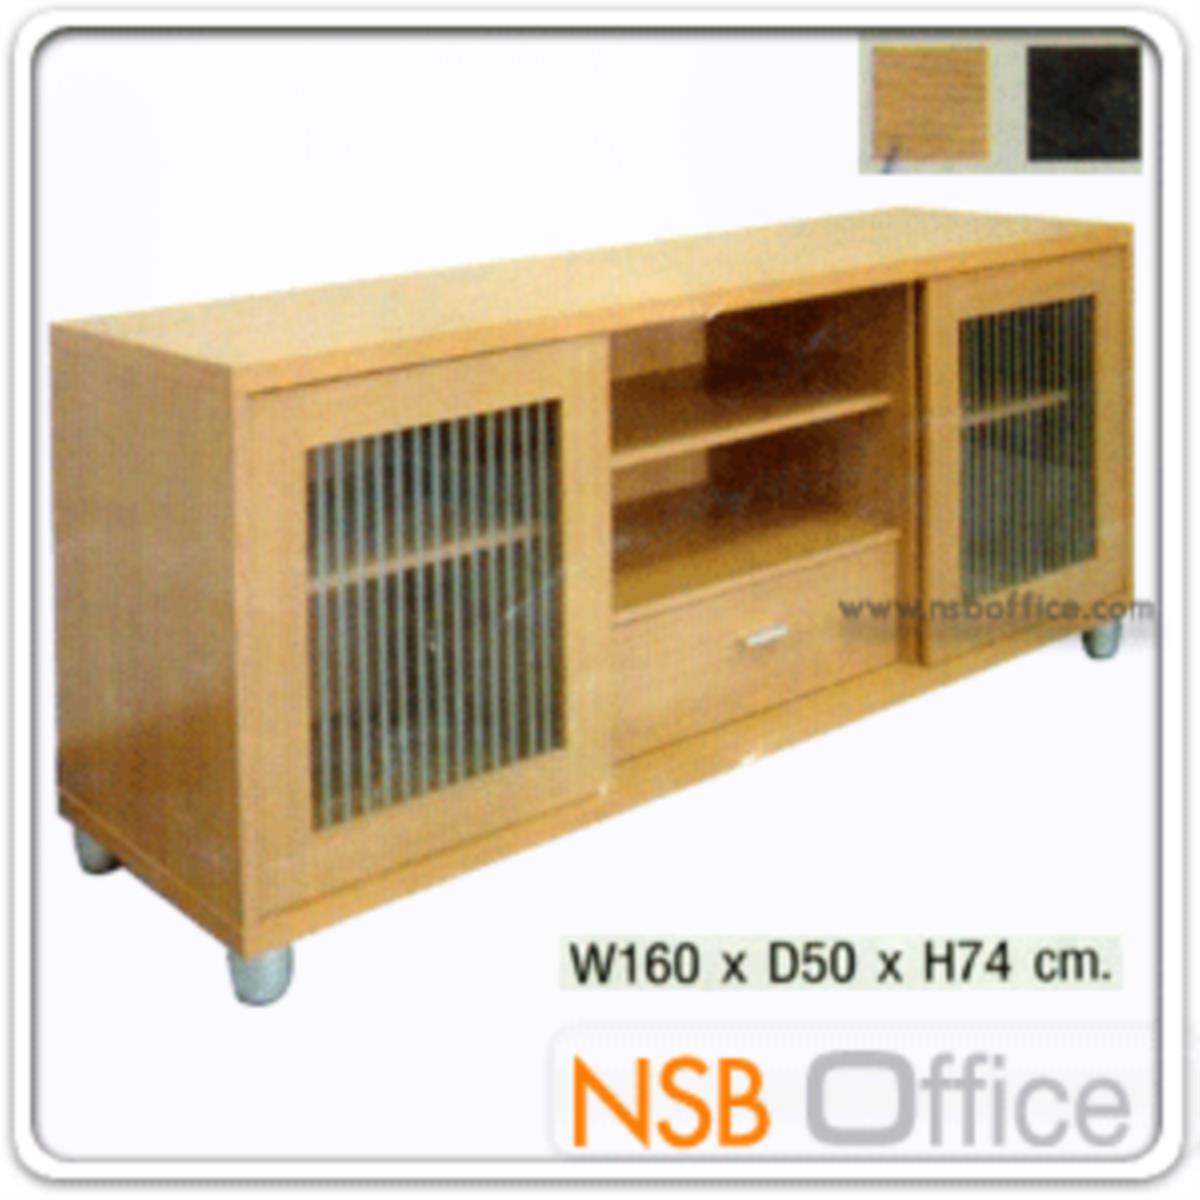 ตู้วางทีวี 1 ลิ้นชัก 2 ช่องโล่ง 2 บานเลื่อนกระจก  รุ่น FW-5027 ขนาด 160W*74H cm.